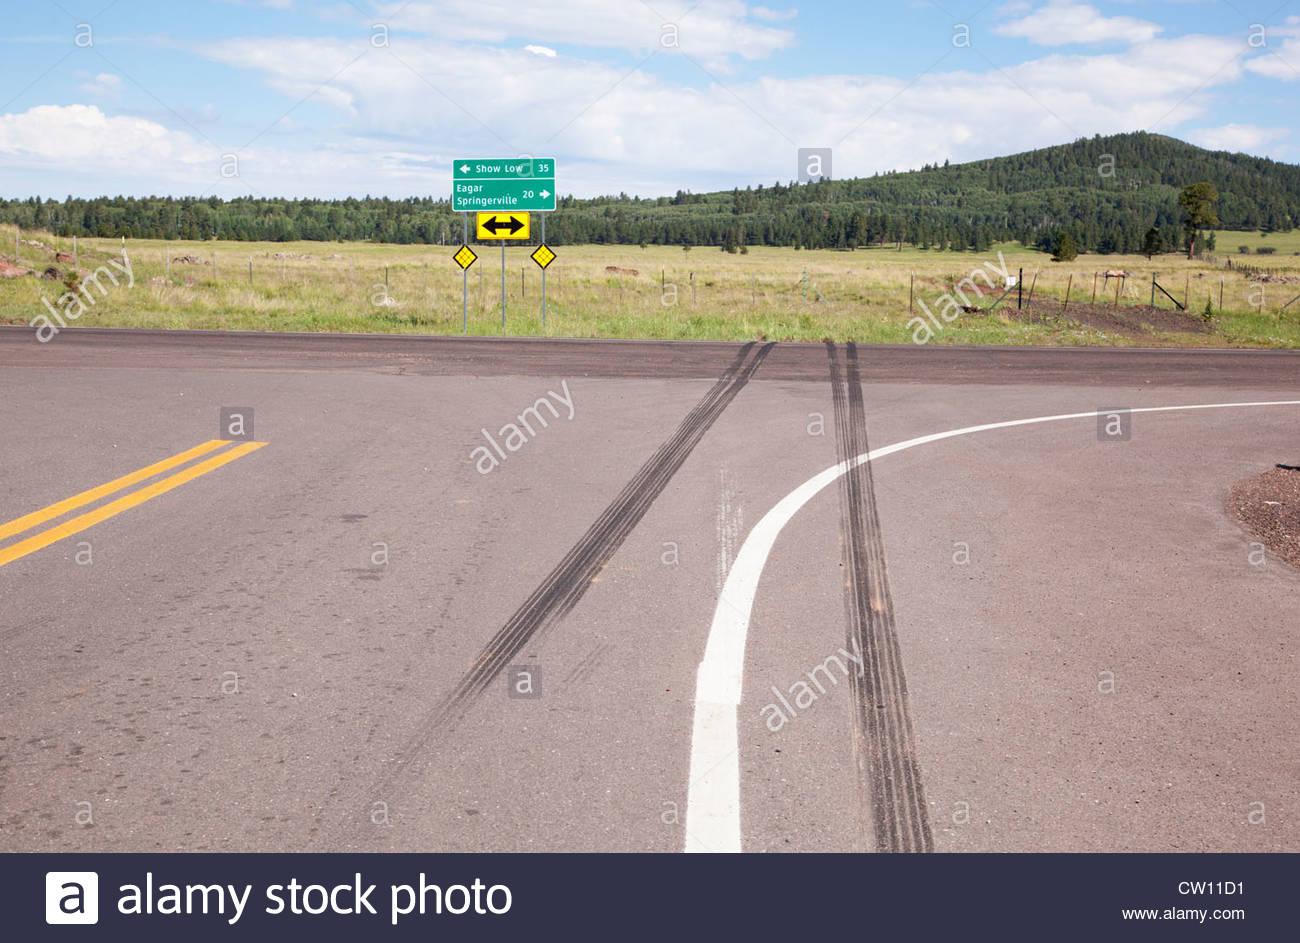 Marques de dérapage sur la chaussée à l'intersection de l'autoroute 273 route de l'état Photo Stock